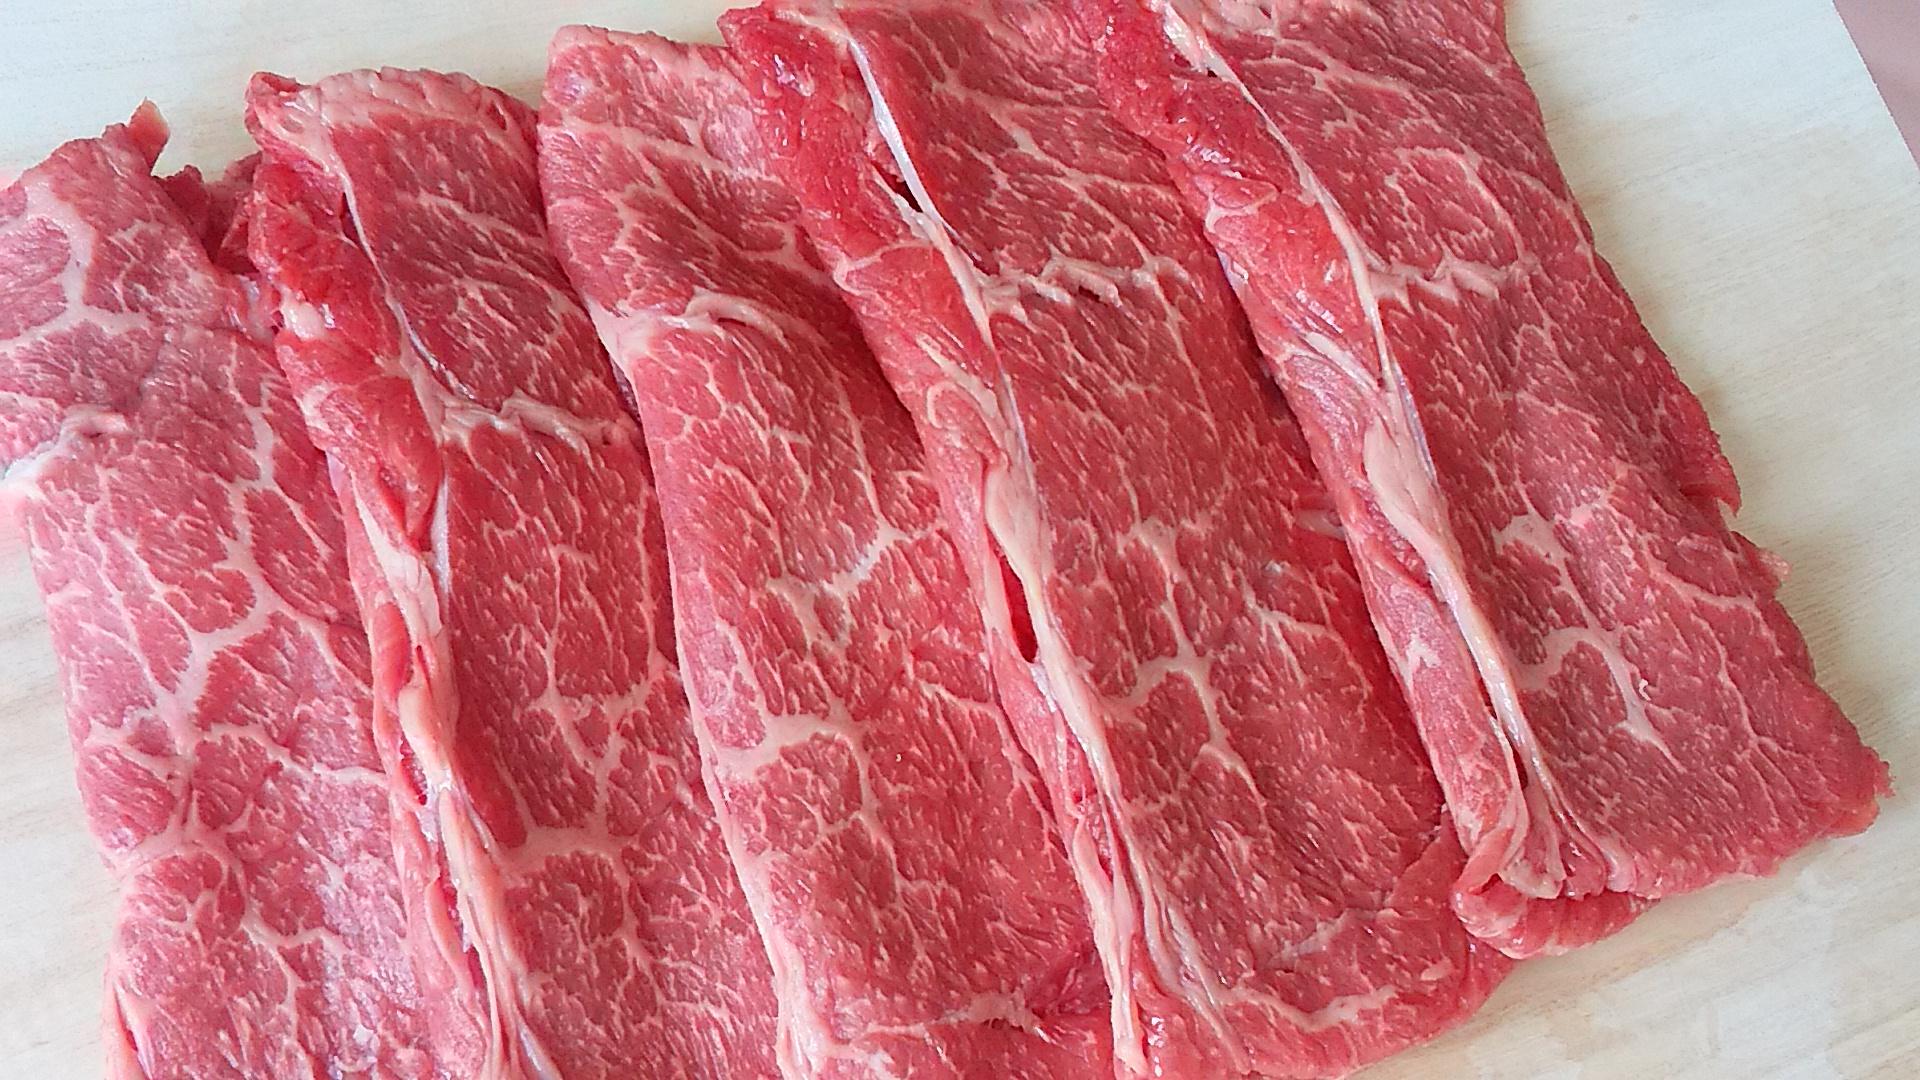 鳥取牛肩ロースすき焼き用 450g 寄附金額10,000円(鳥取県鳥取市) イメージ